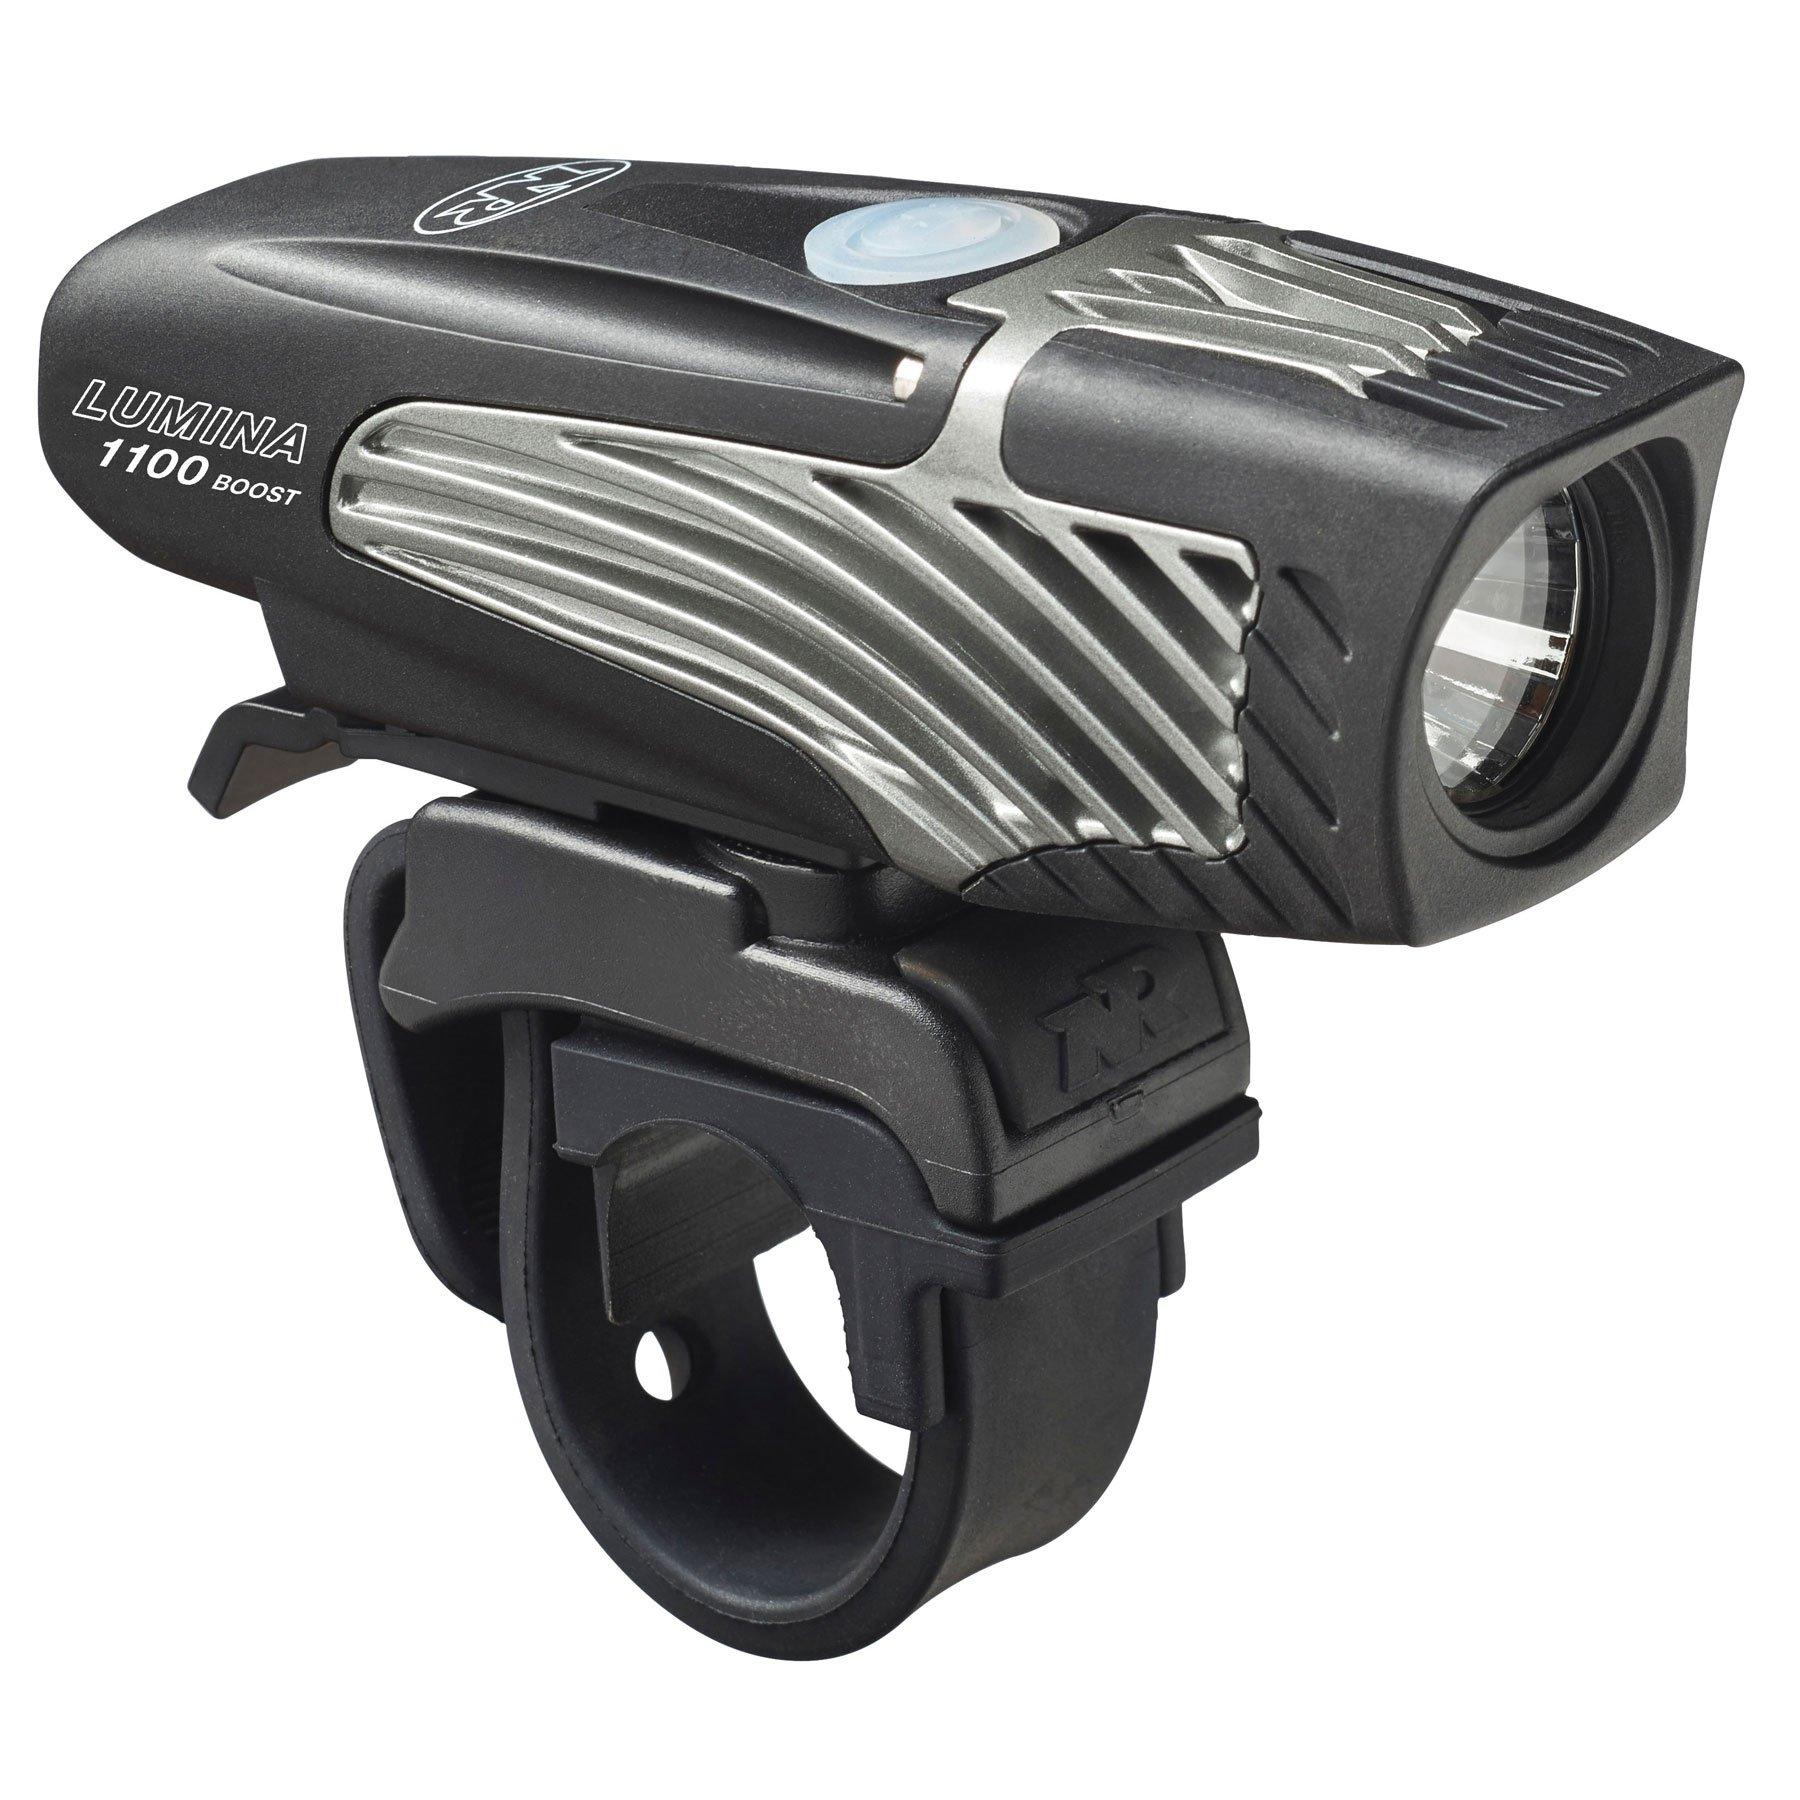 NiteRider Lumina 1100 Boost Bike Headlight, Black